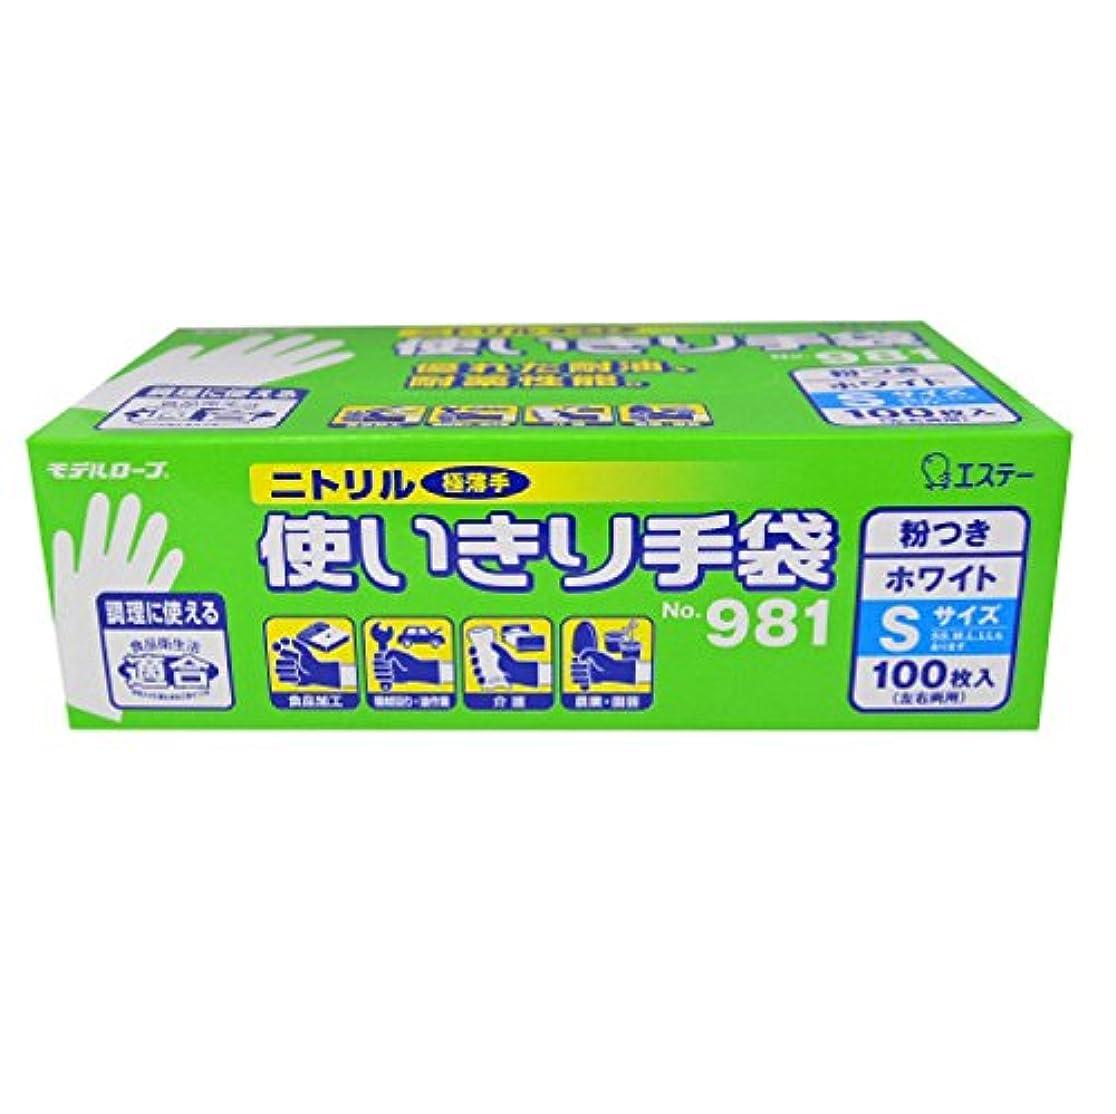 としてオンス眼エステー/ニトリル使いきり手袋 箱入 (粉つき) [100枚入]/品番:981 サイズ:M カラー:ブルー